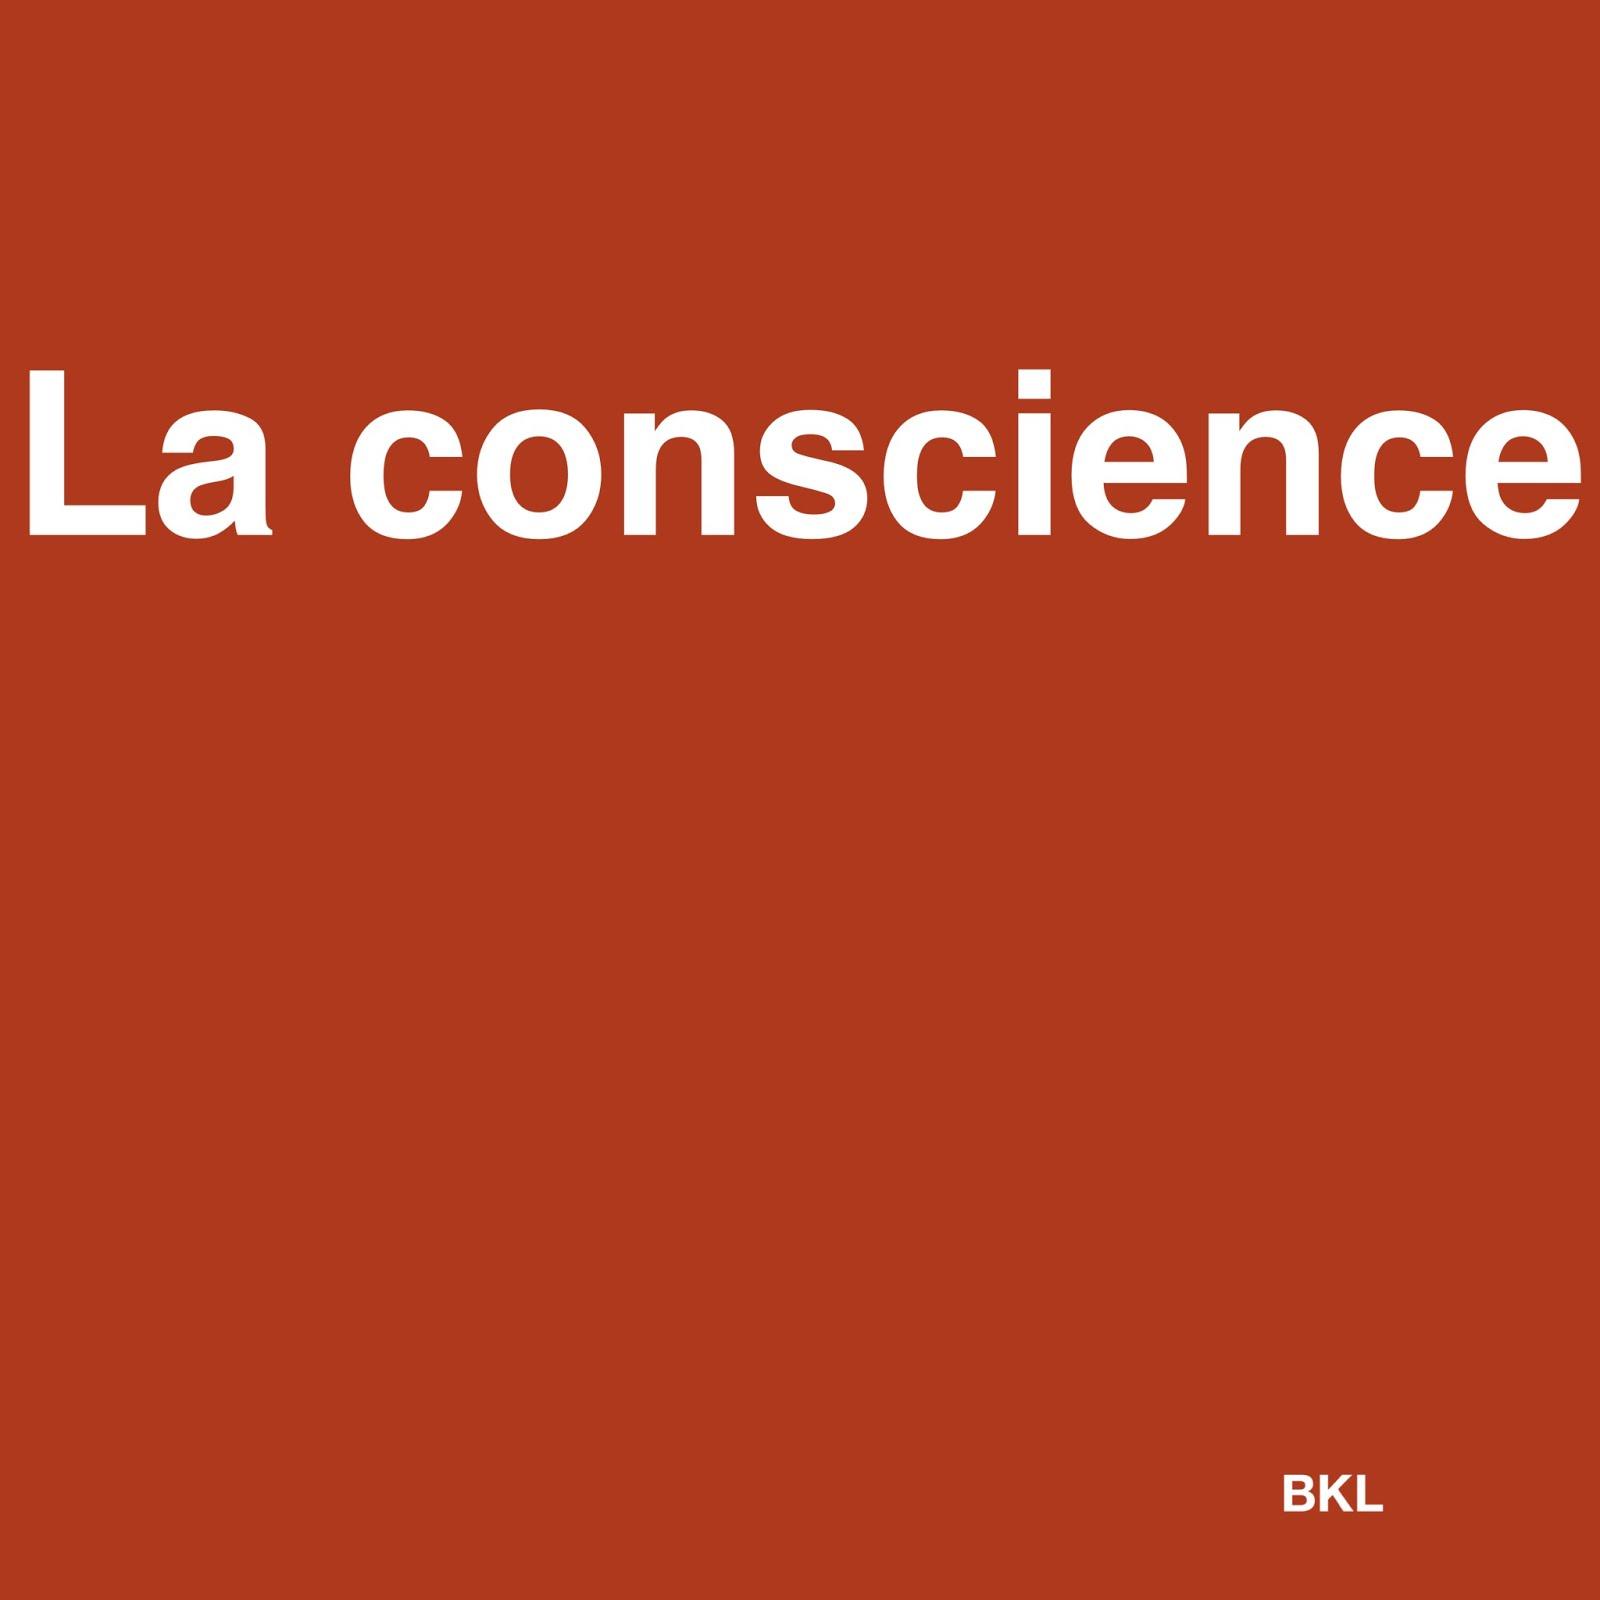 Dissertation sur la conscience morale